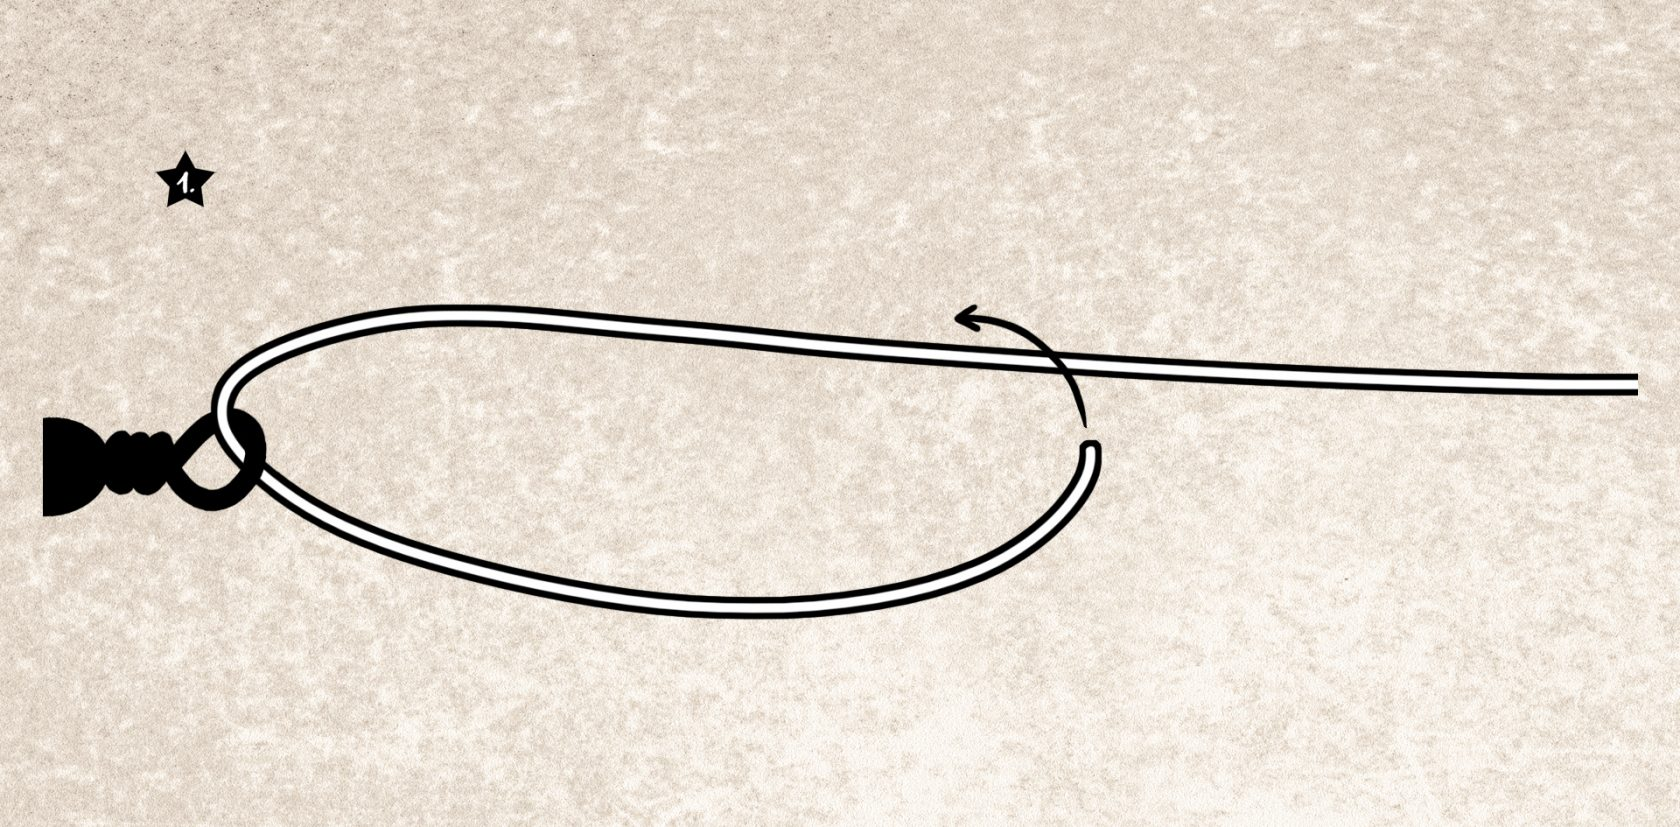 Knoten für dicke monofile Angelschnur